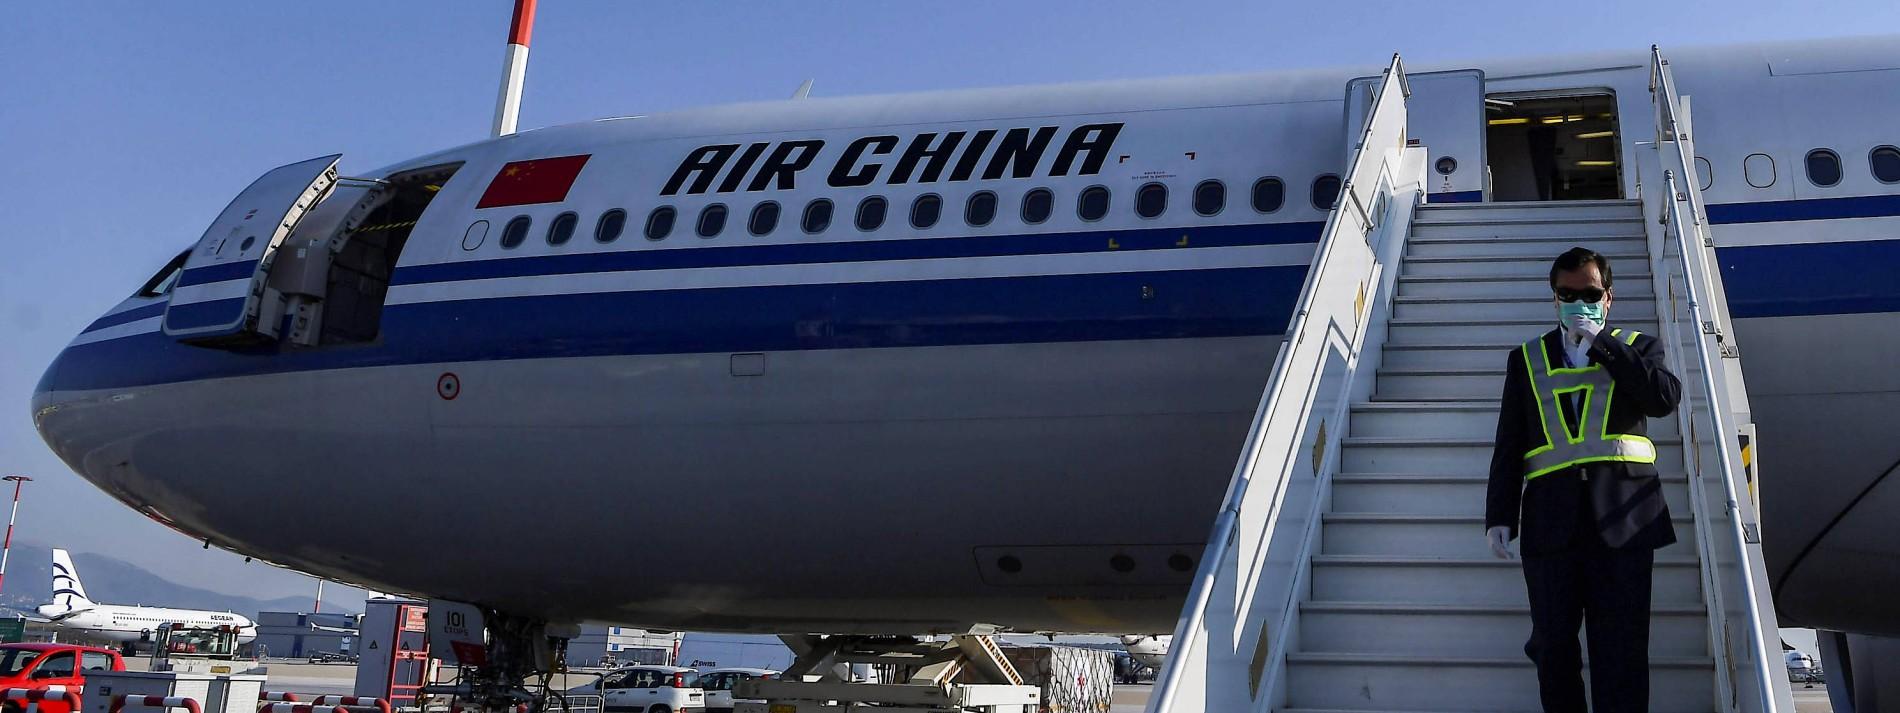 Chinesische Passagierflugzeuge dürfen nicht mehr landen